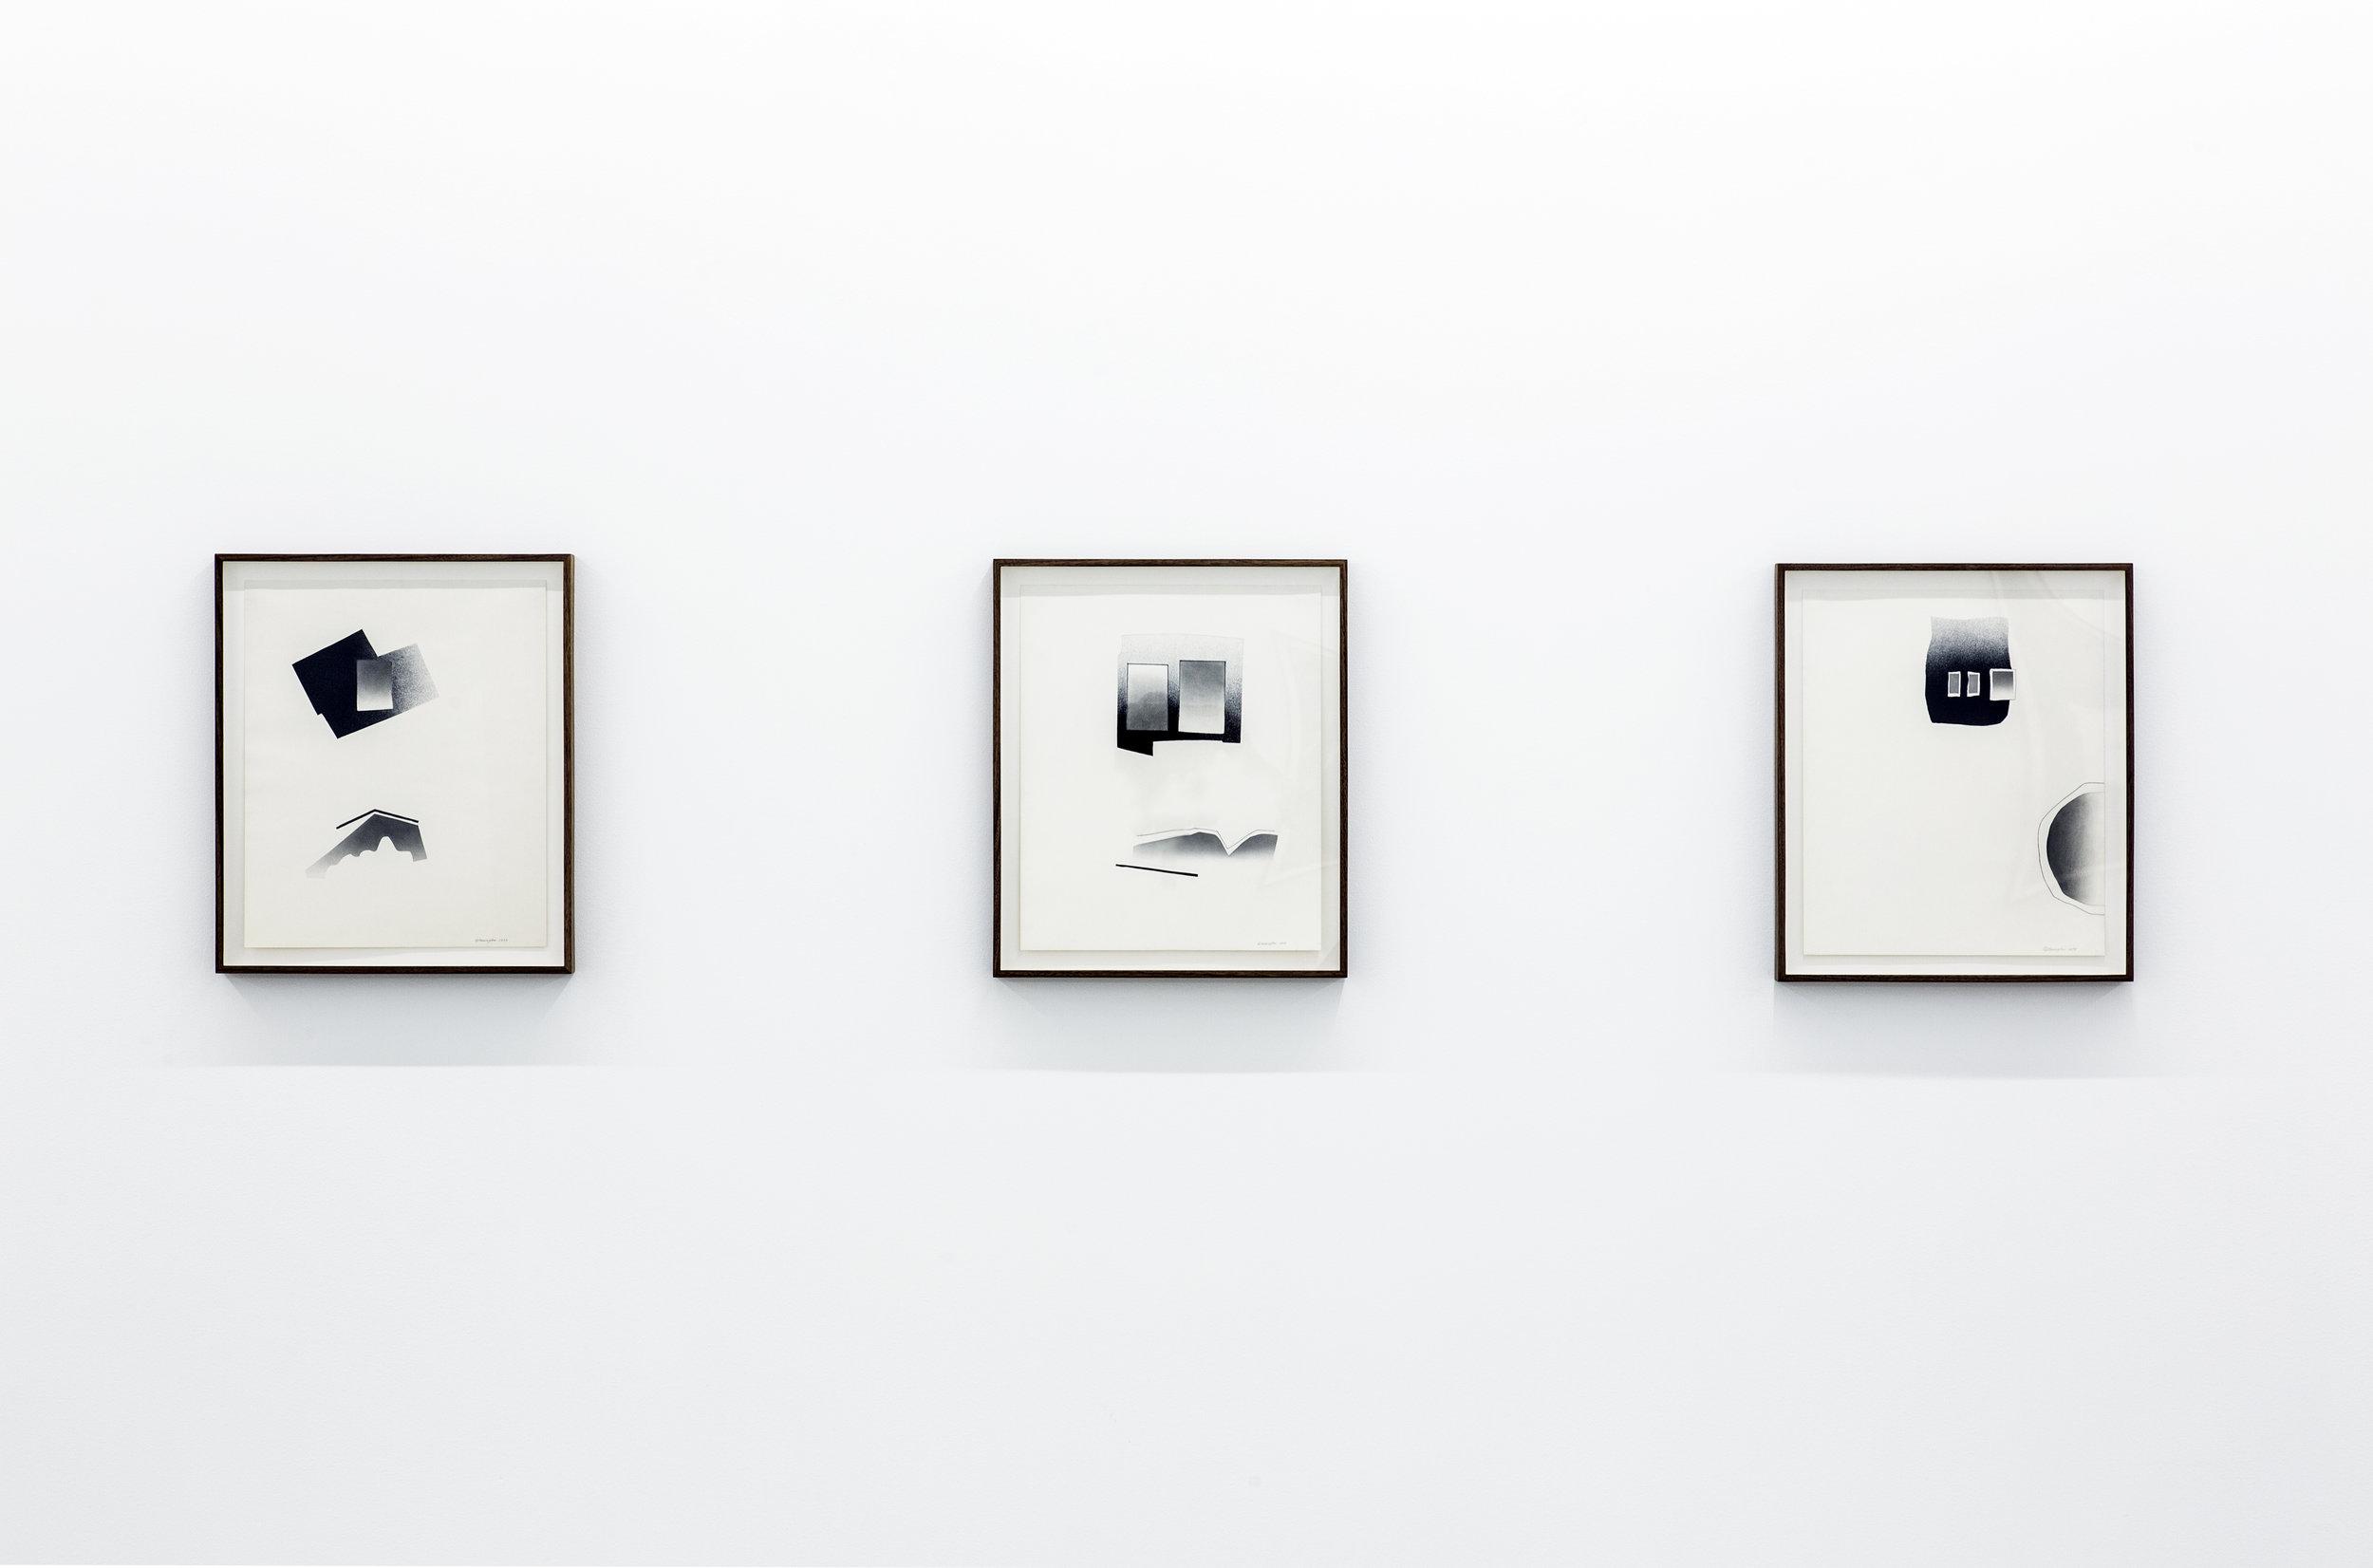 Deborah Remington  A Life in Drawing  , 1950 - 2006  Installation view Image courtesy Parrasch Heijnen Gallery